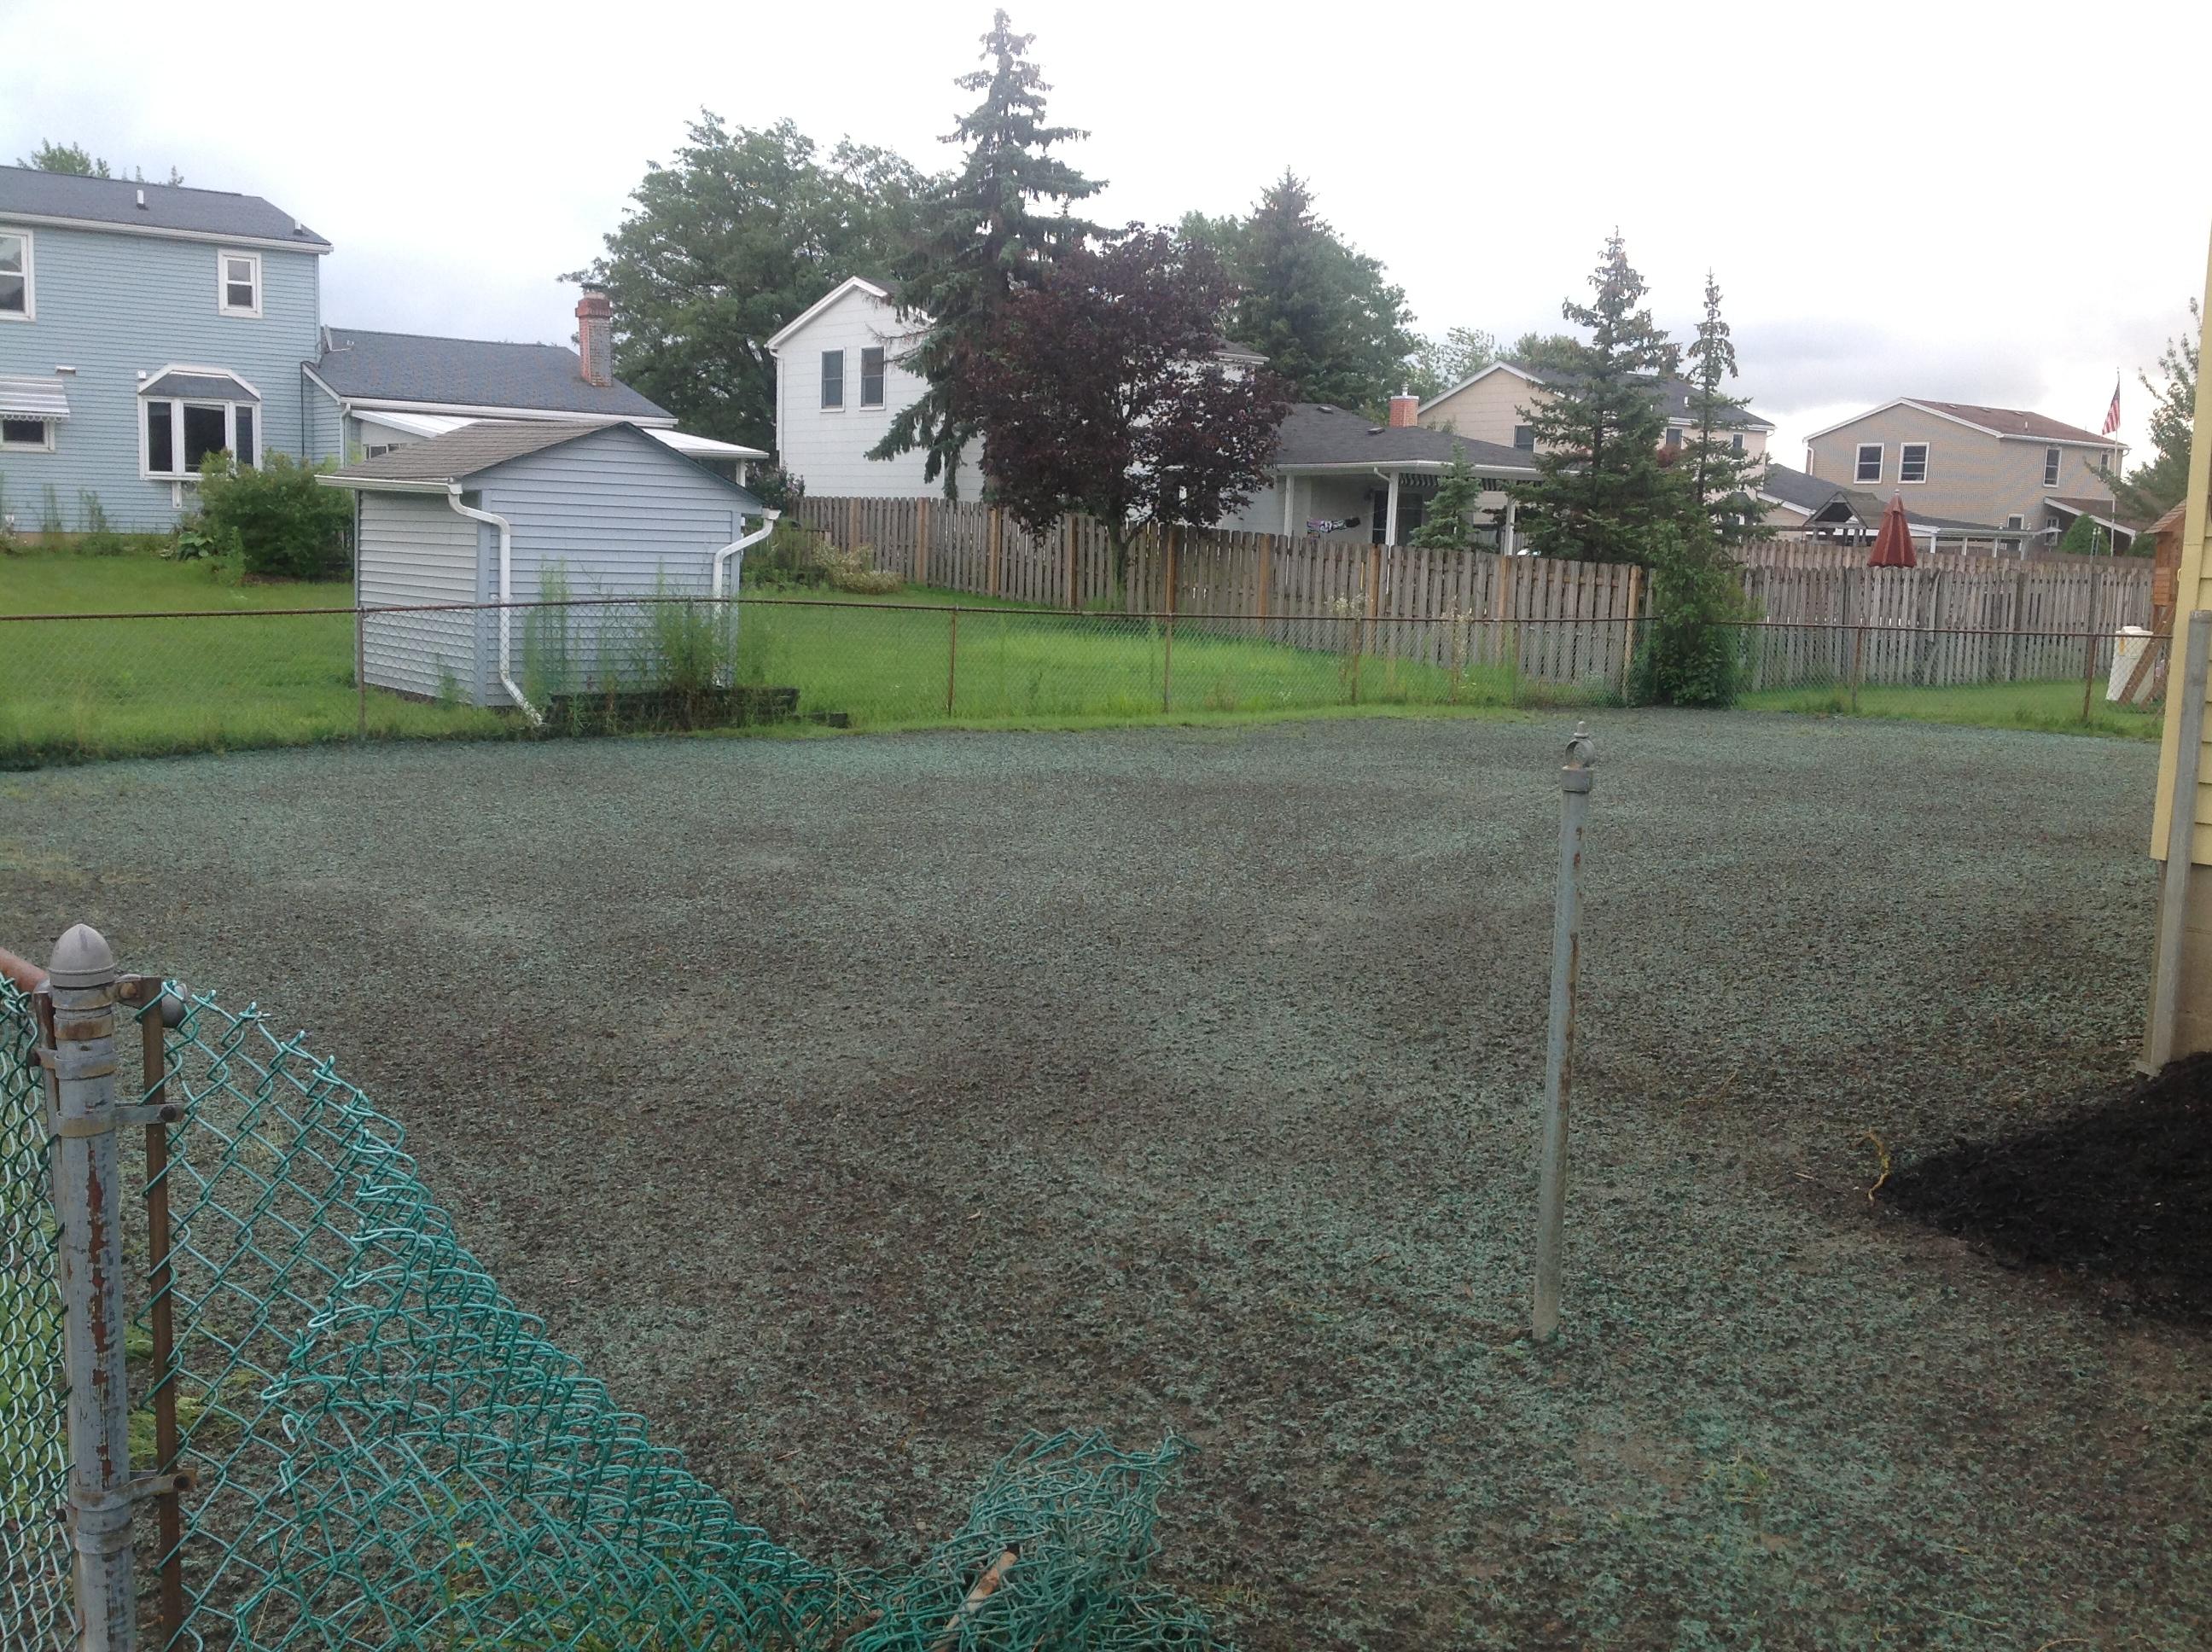 Rear Yard Lawn After